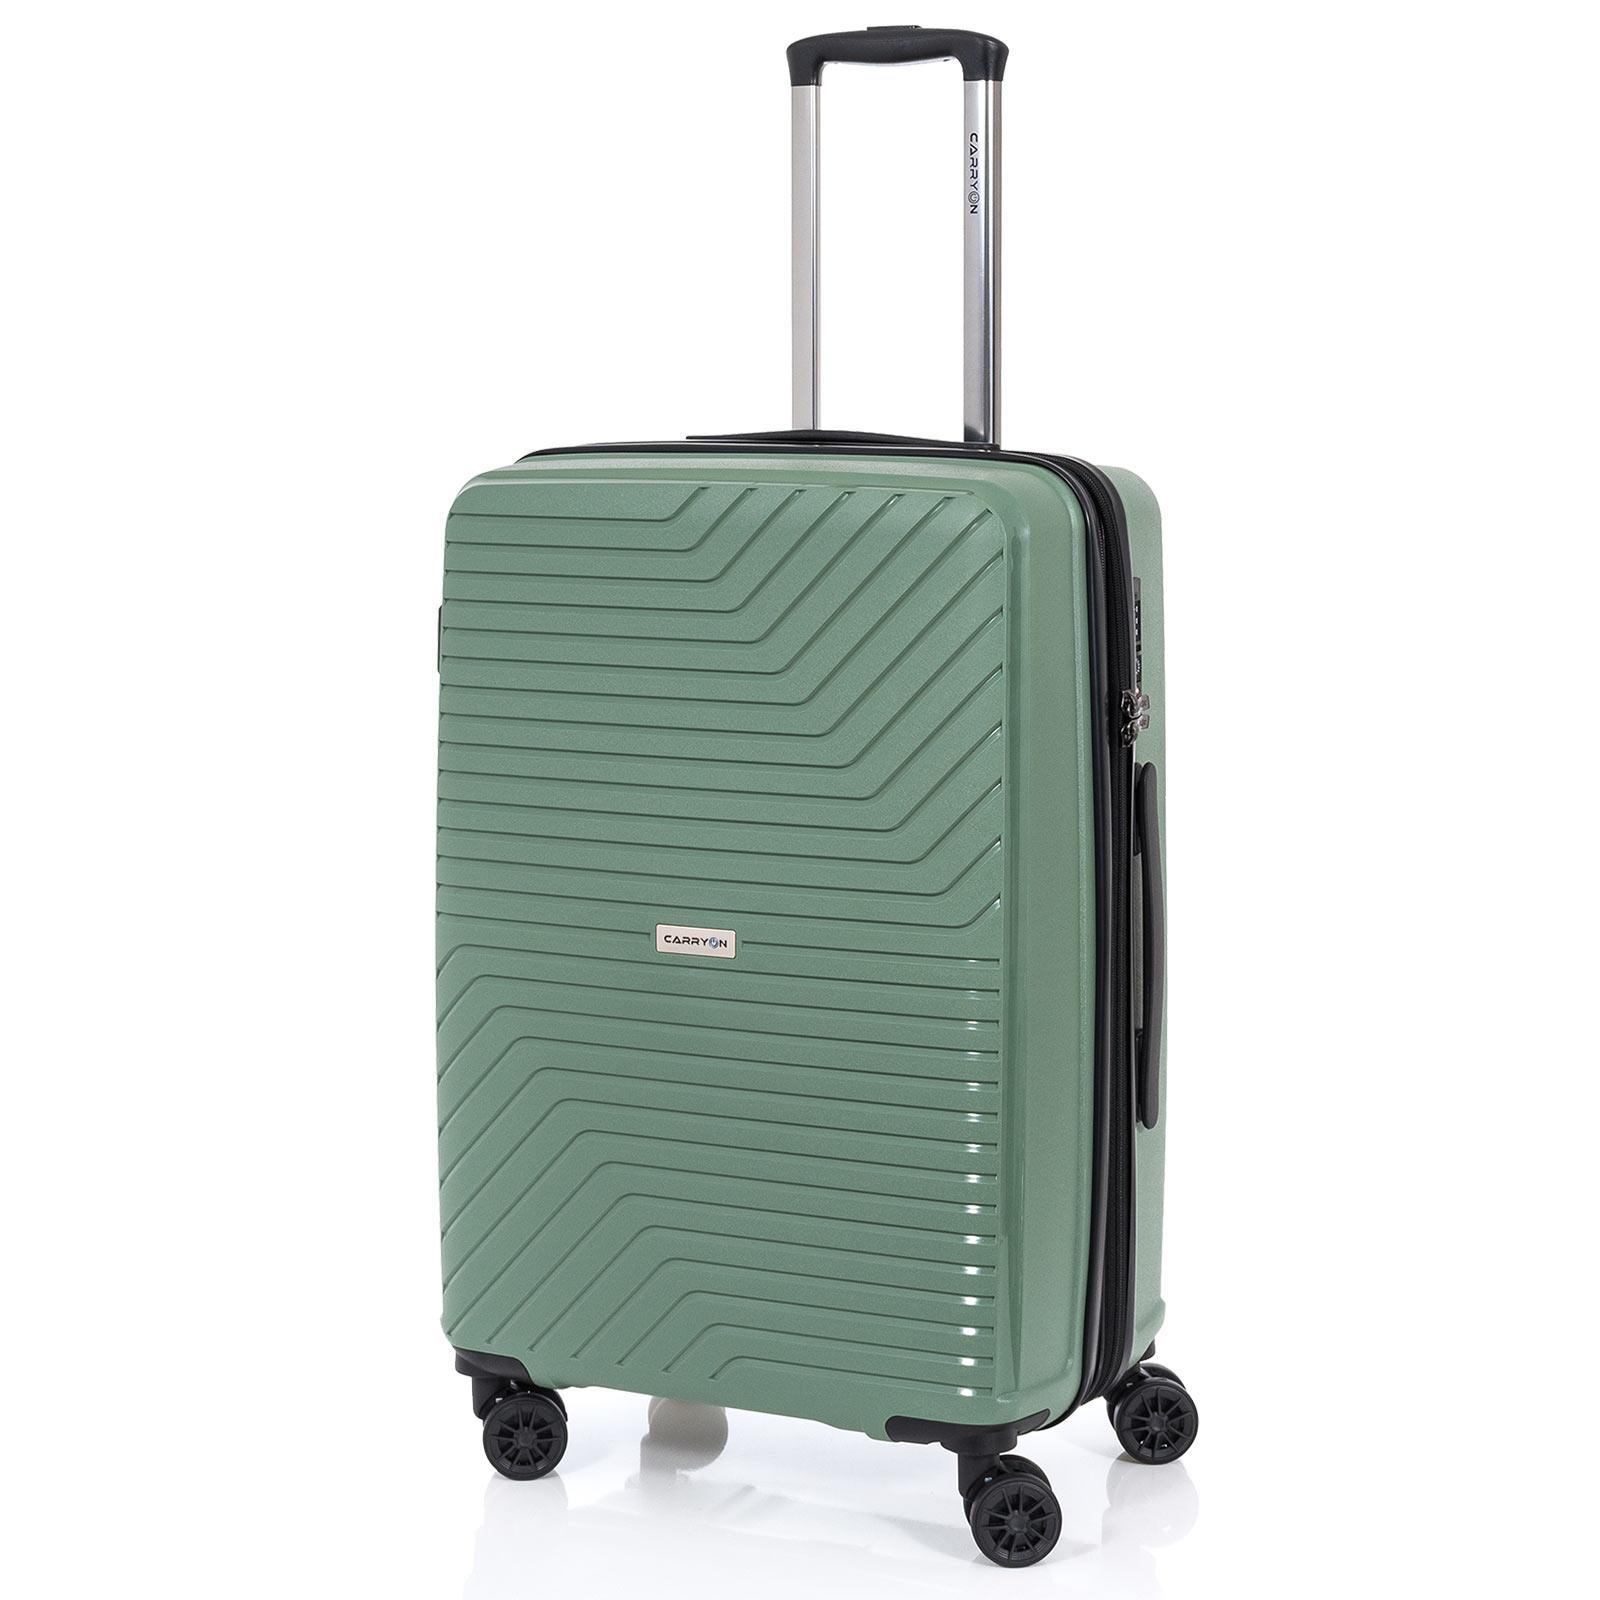 carryon-transport-68cm-hartschalen-trolley-grun